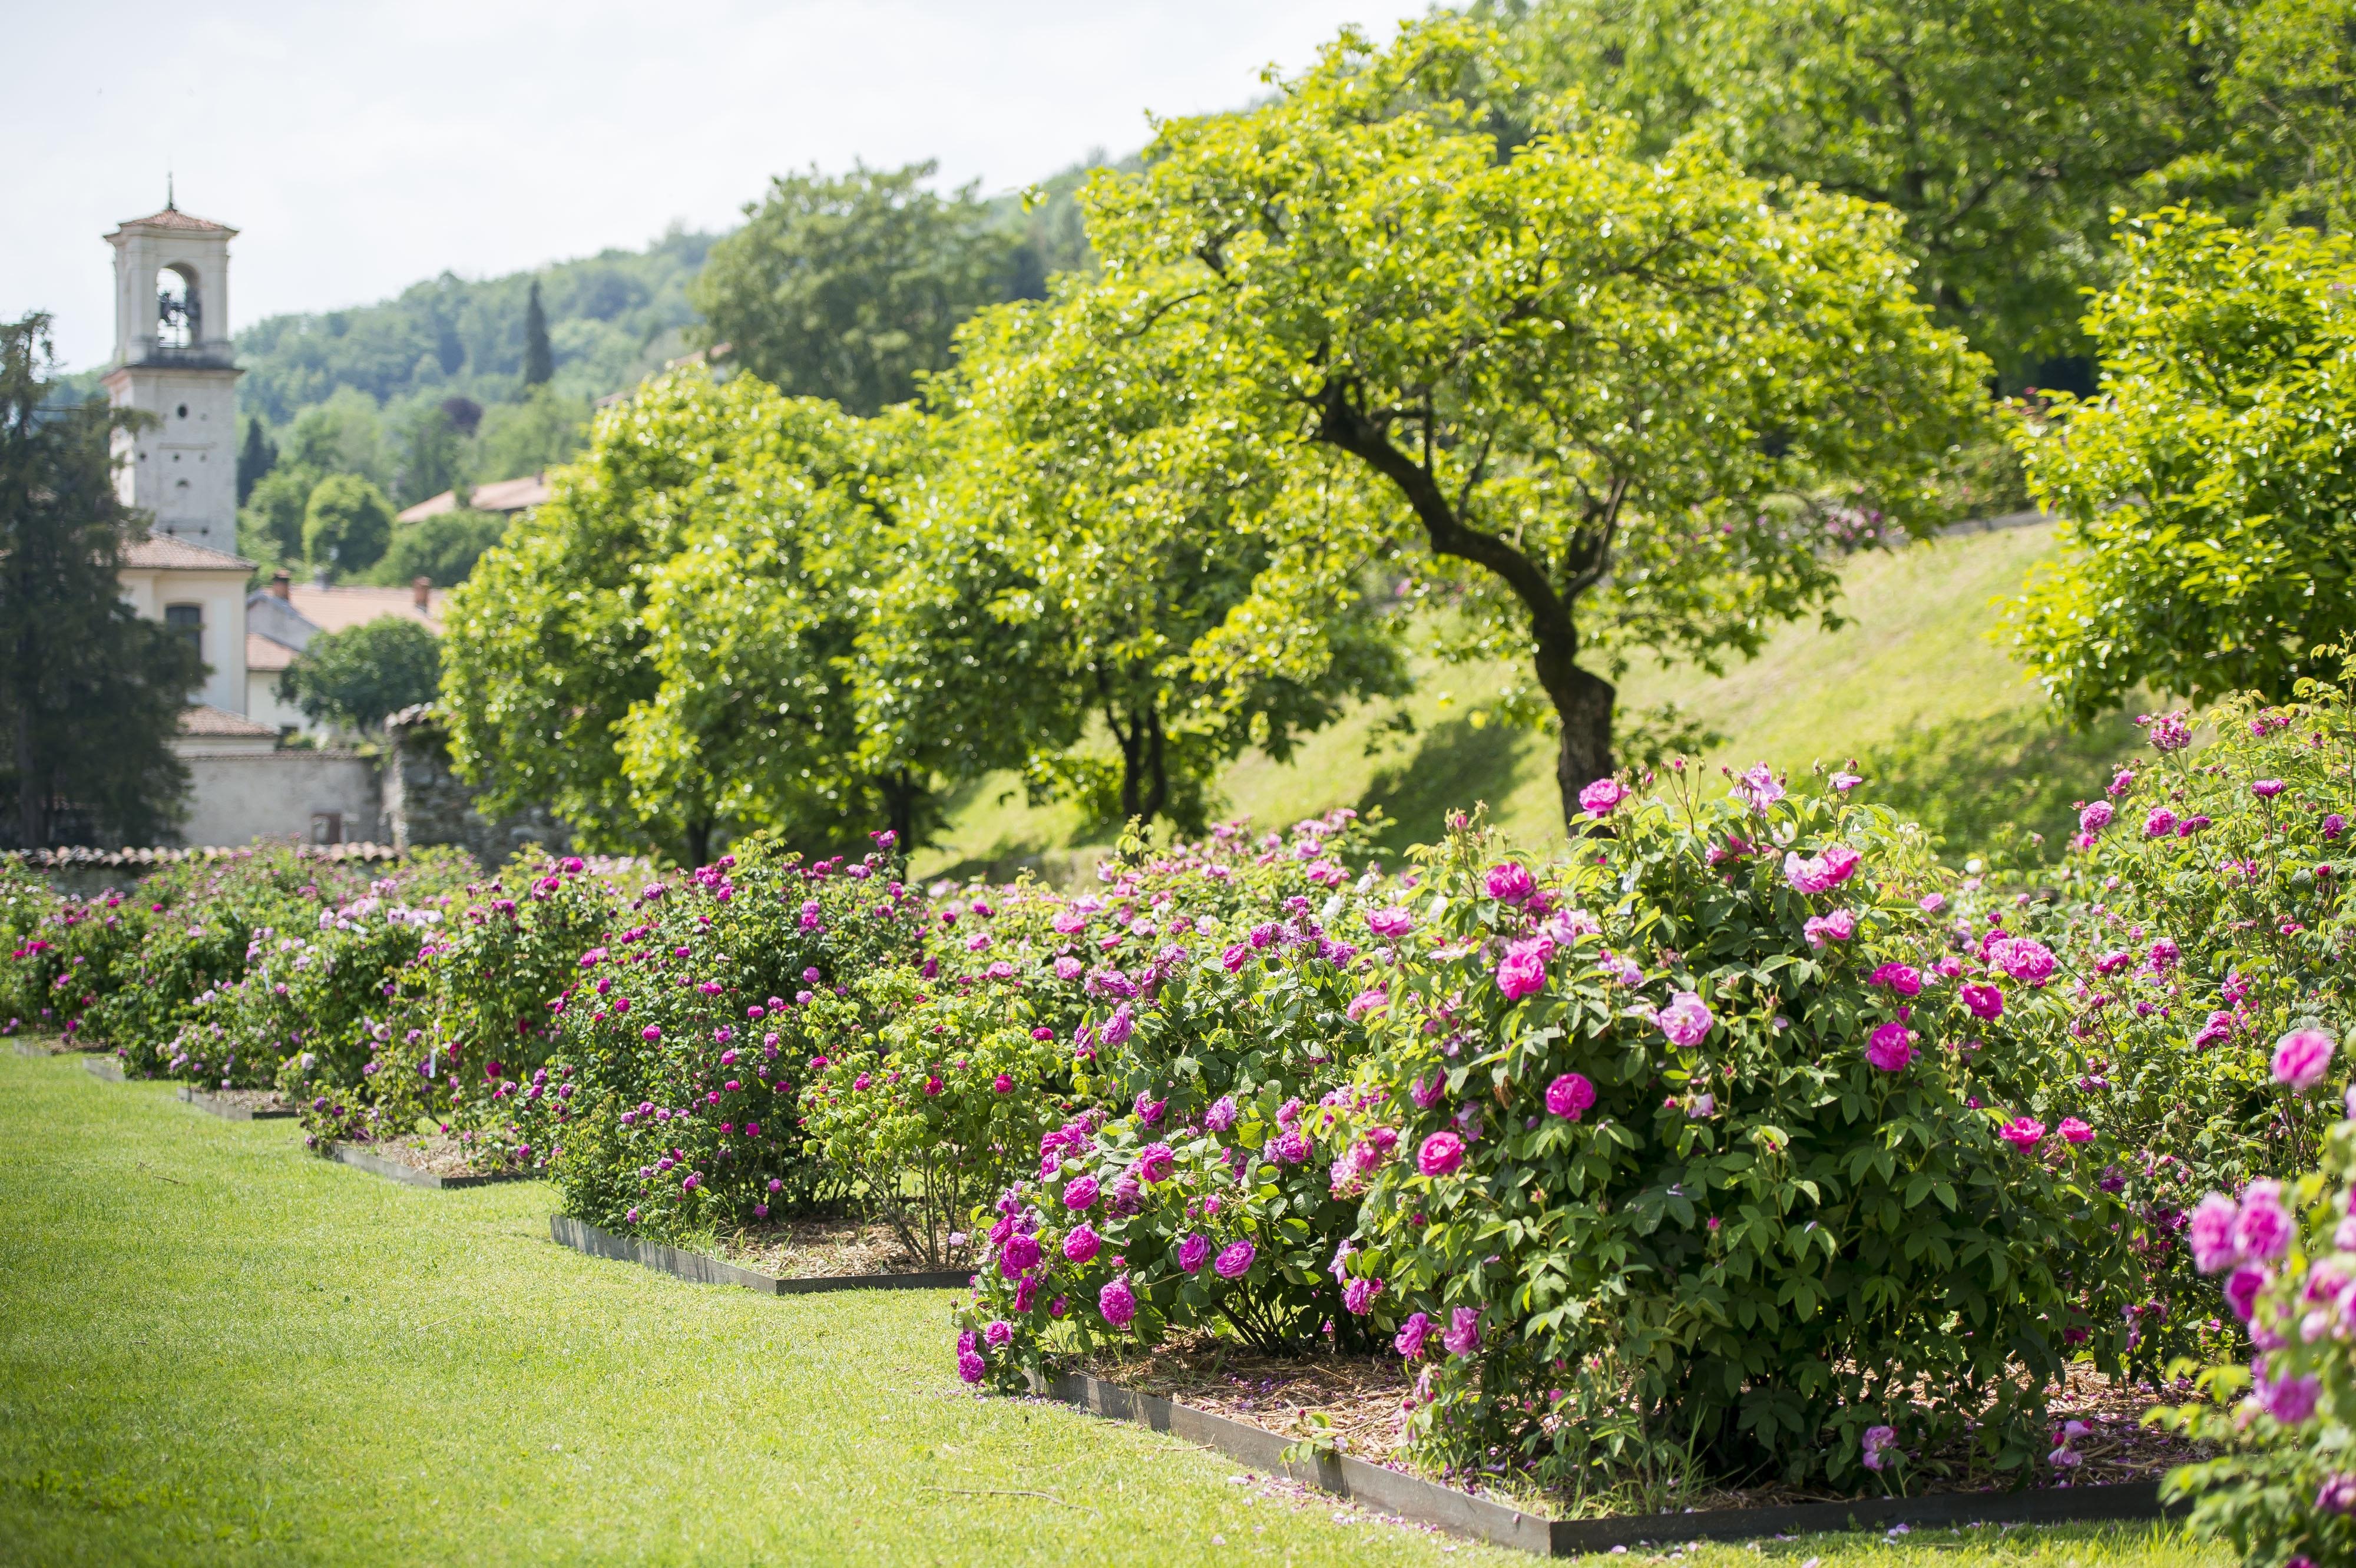 Giardino delle rose, VILLA DELLA PORTA BOZZOLO, CASALZUIGNO (VA )